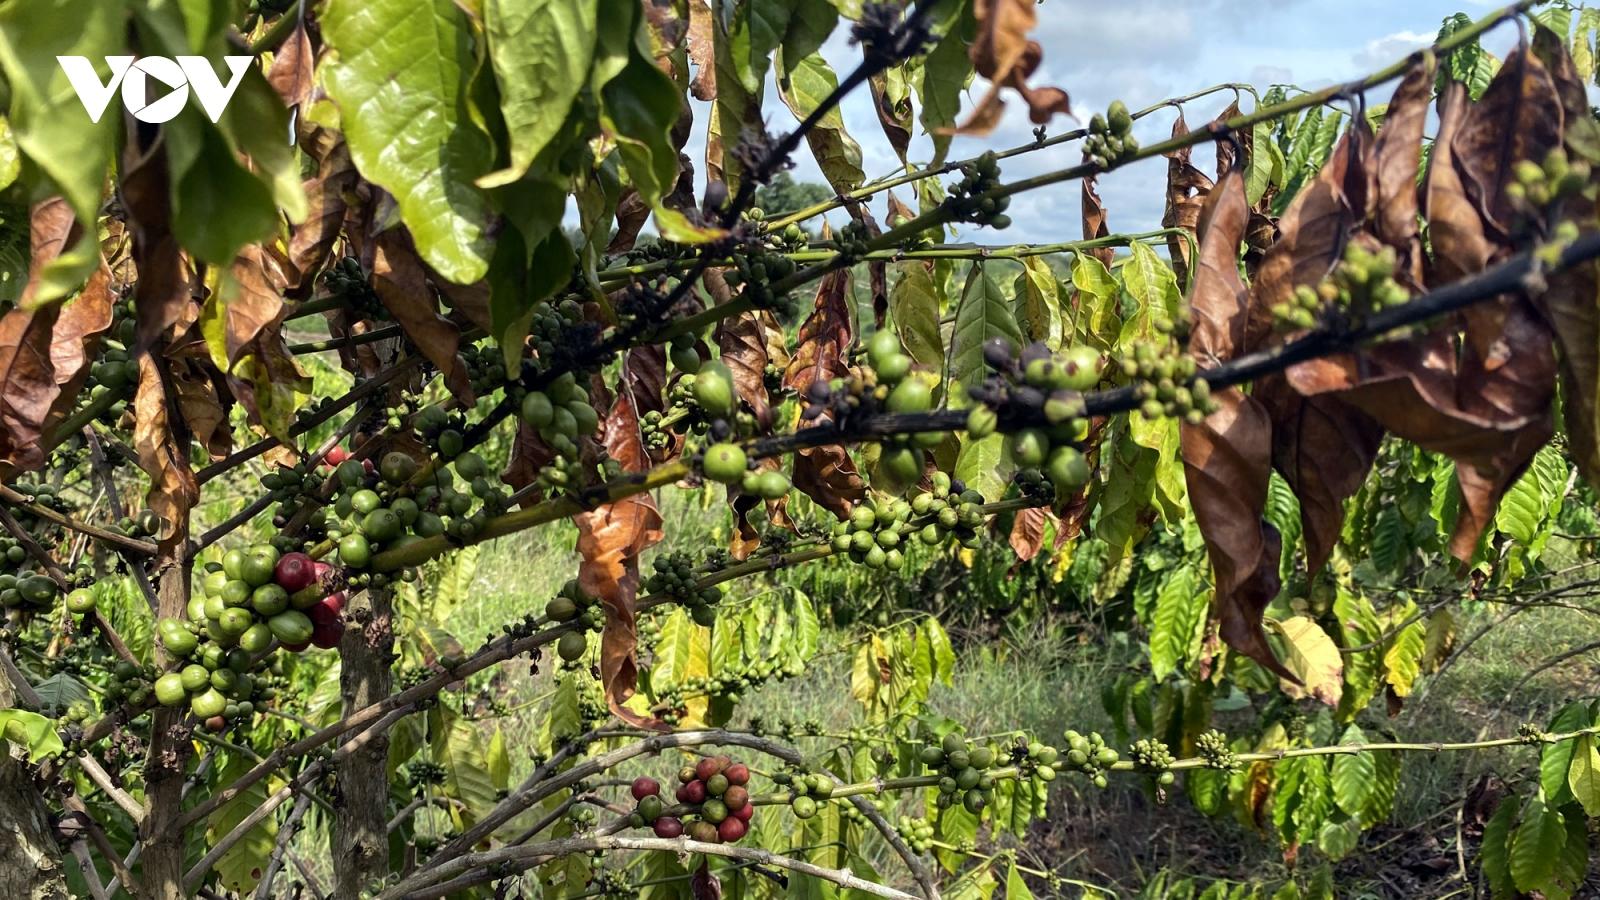 Hạn hán giữa mùa mưa Đắk Lắk khiến nông dân thiệt hại nặng